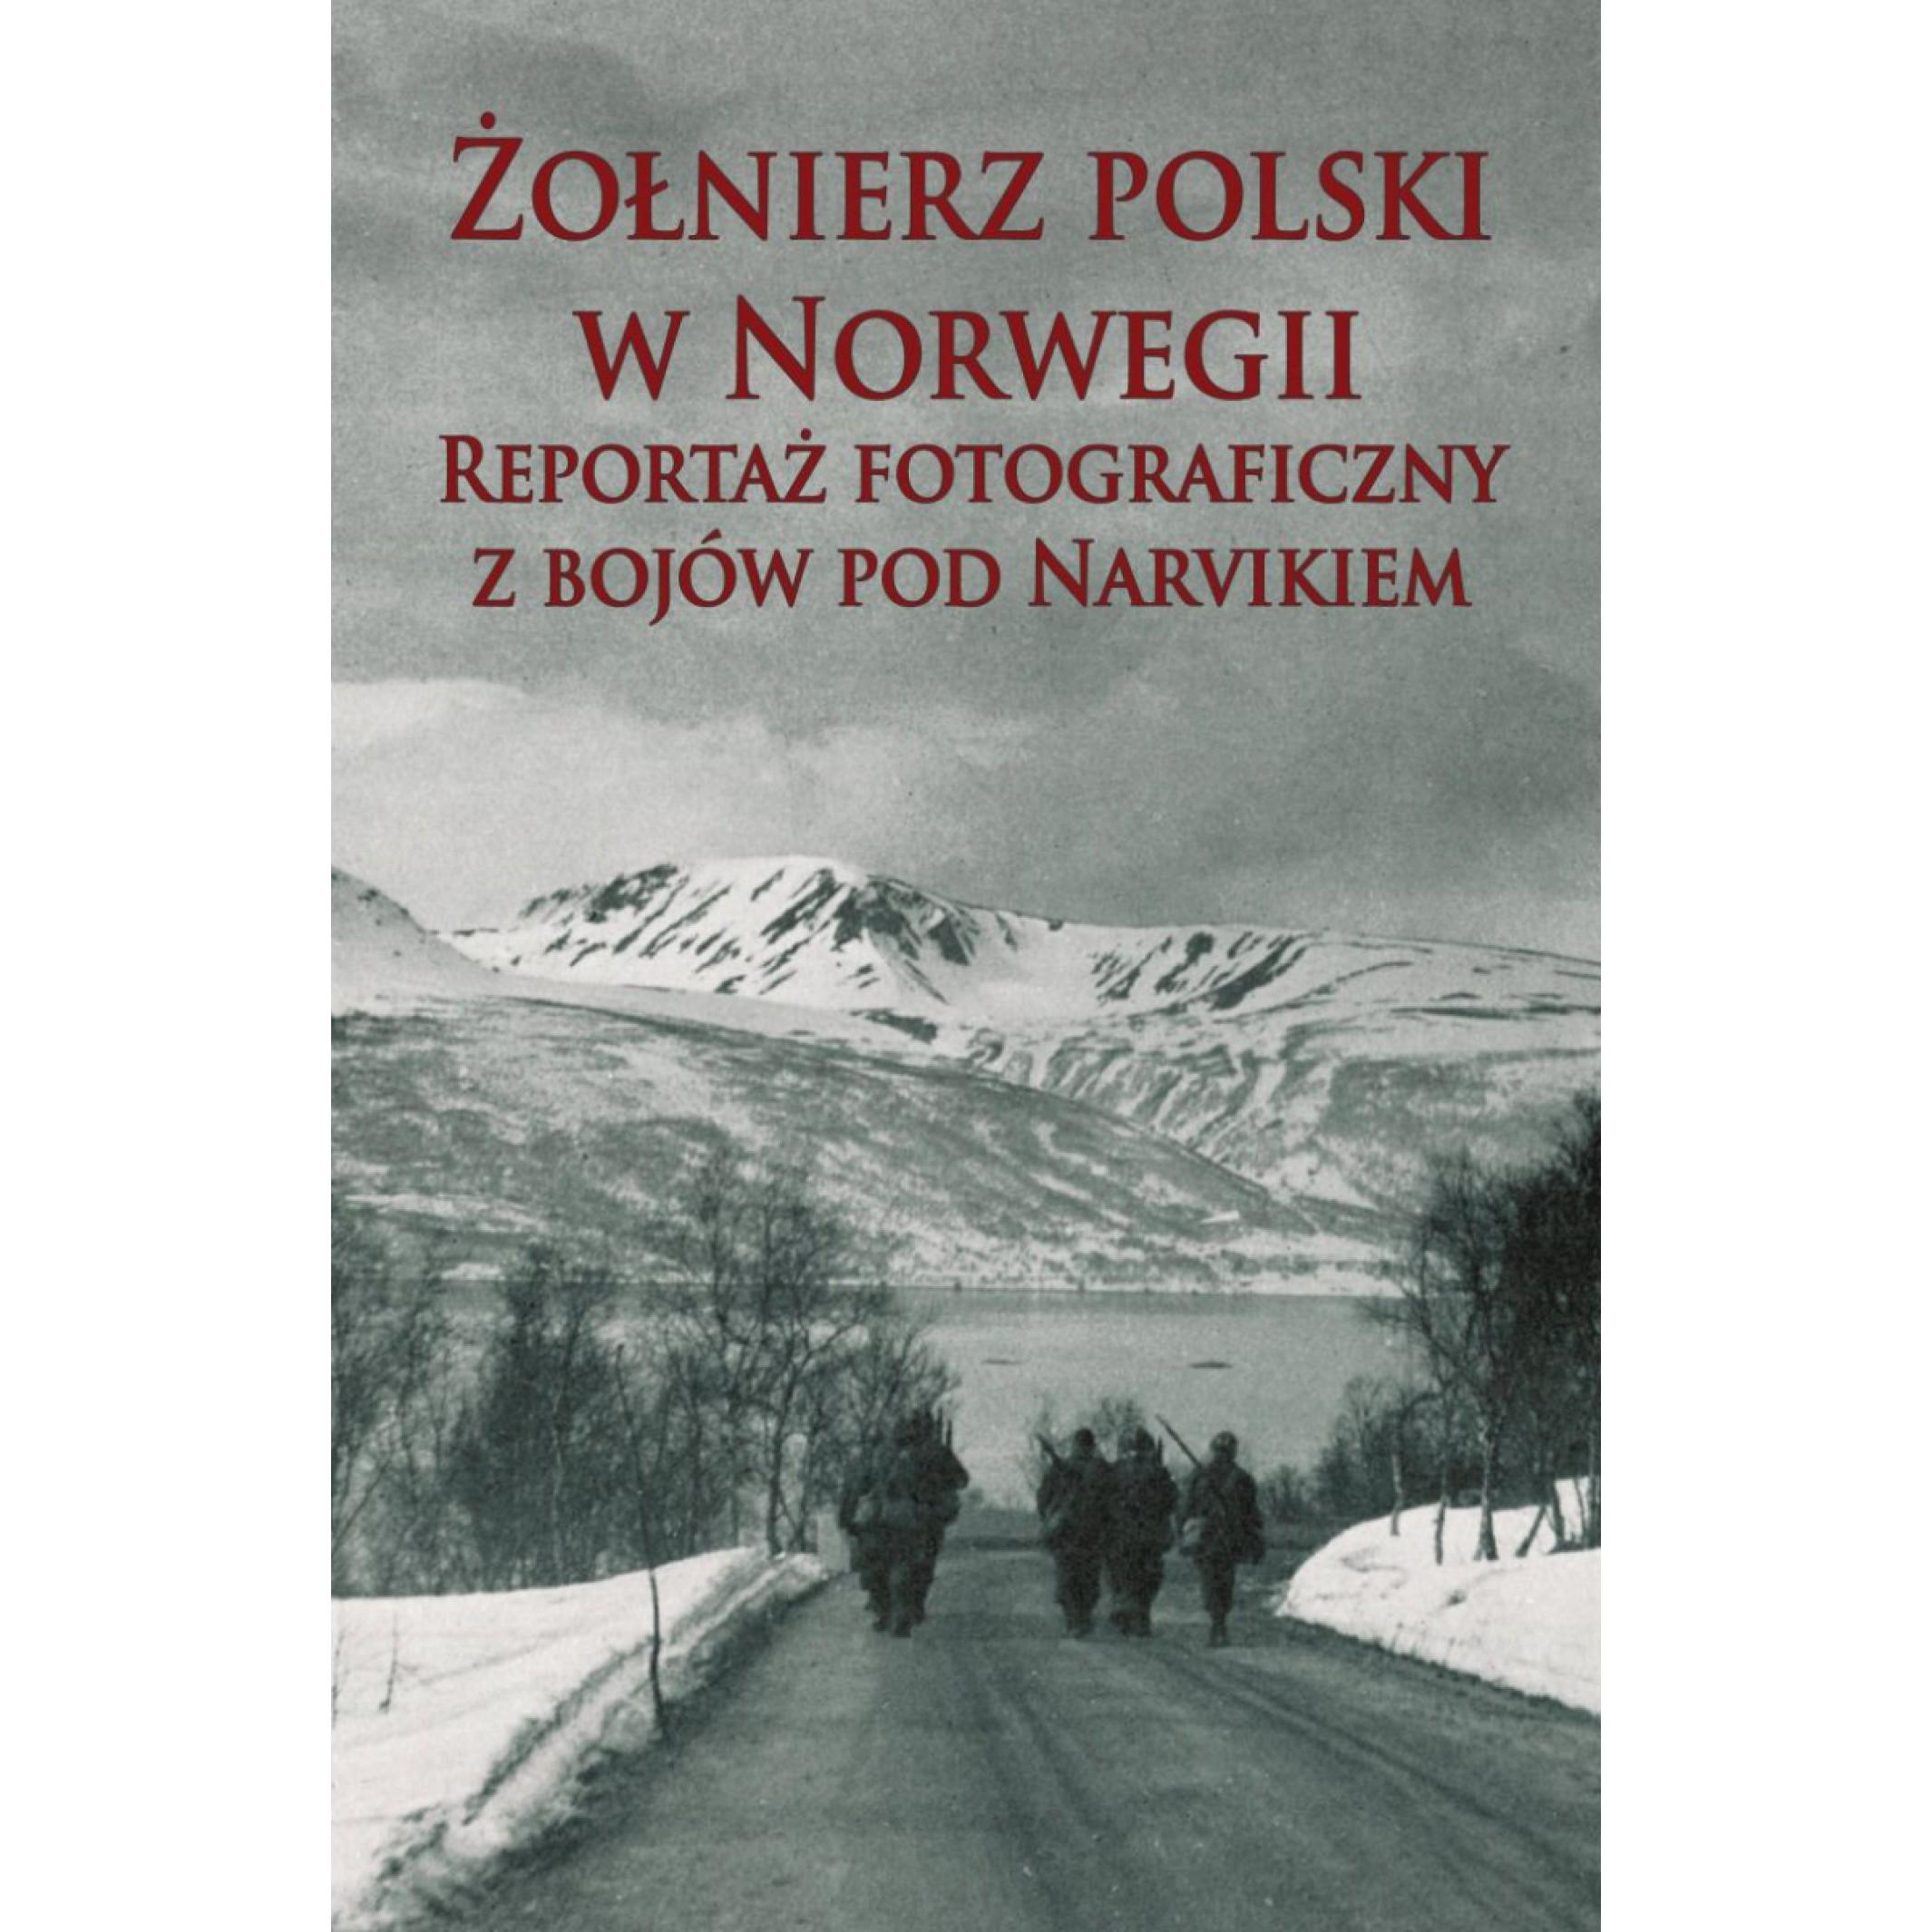 Żołnierz polski w Norwegii. Reportaż fotograficzny z bojów pod Narvikiem